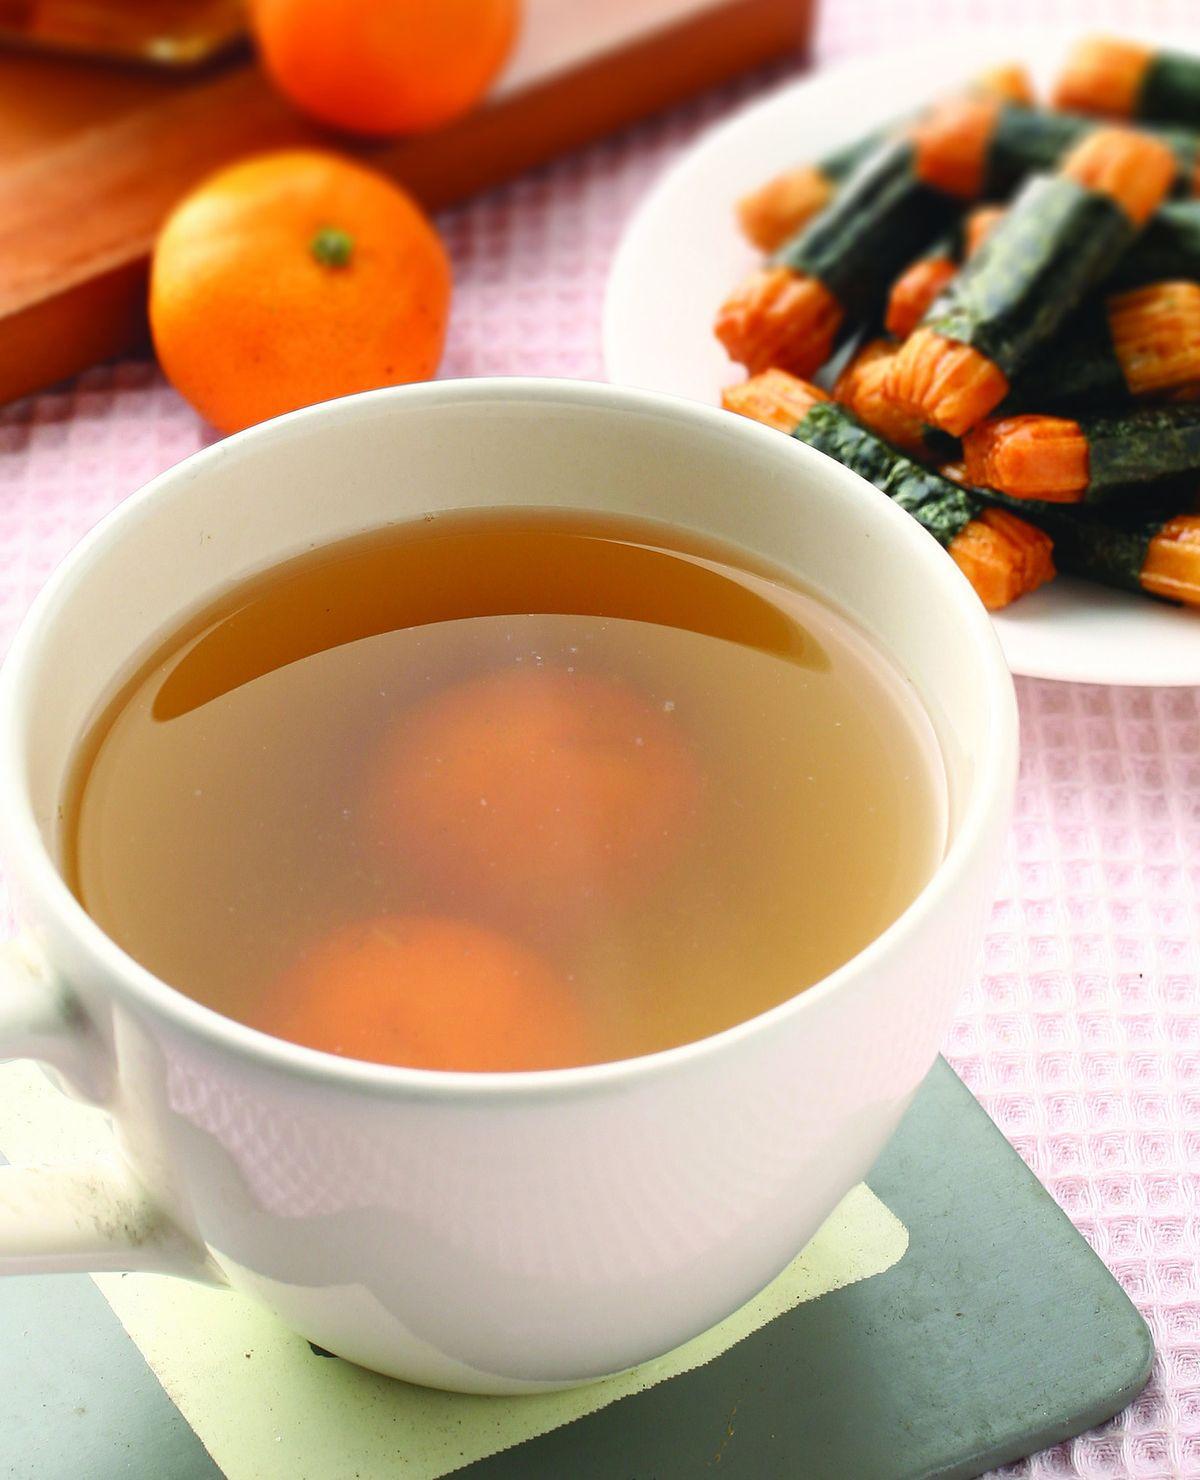 食譜:蜂蜜金桔茶